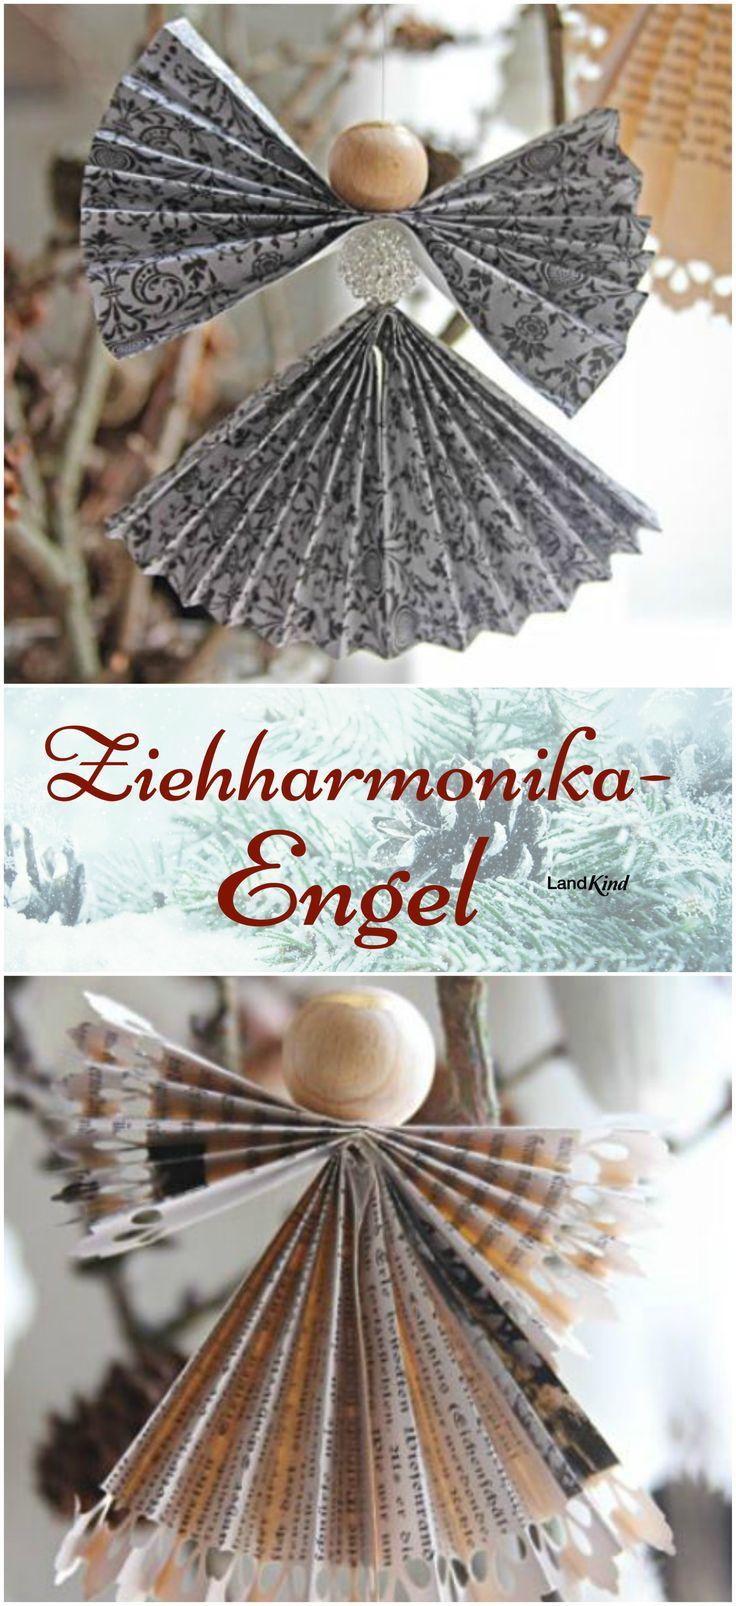 Die schnell gefalteten Ziehharmonika-Engel sind ein wunderschöner Baumschmuck, den auch kleine Bastler mit ein wenig Hilft bewältigen können. Besonders hübsch werden die Englein mit Notenpapier, Buchseiten oder Geschenkpapier.